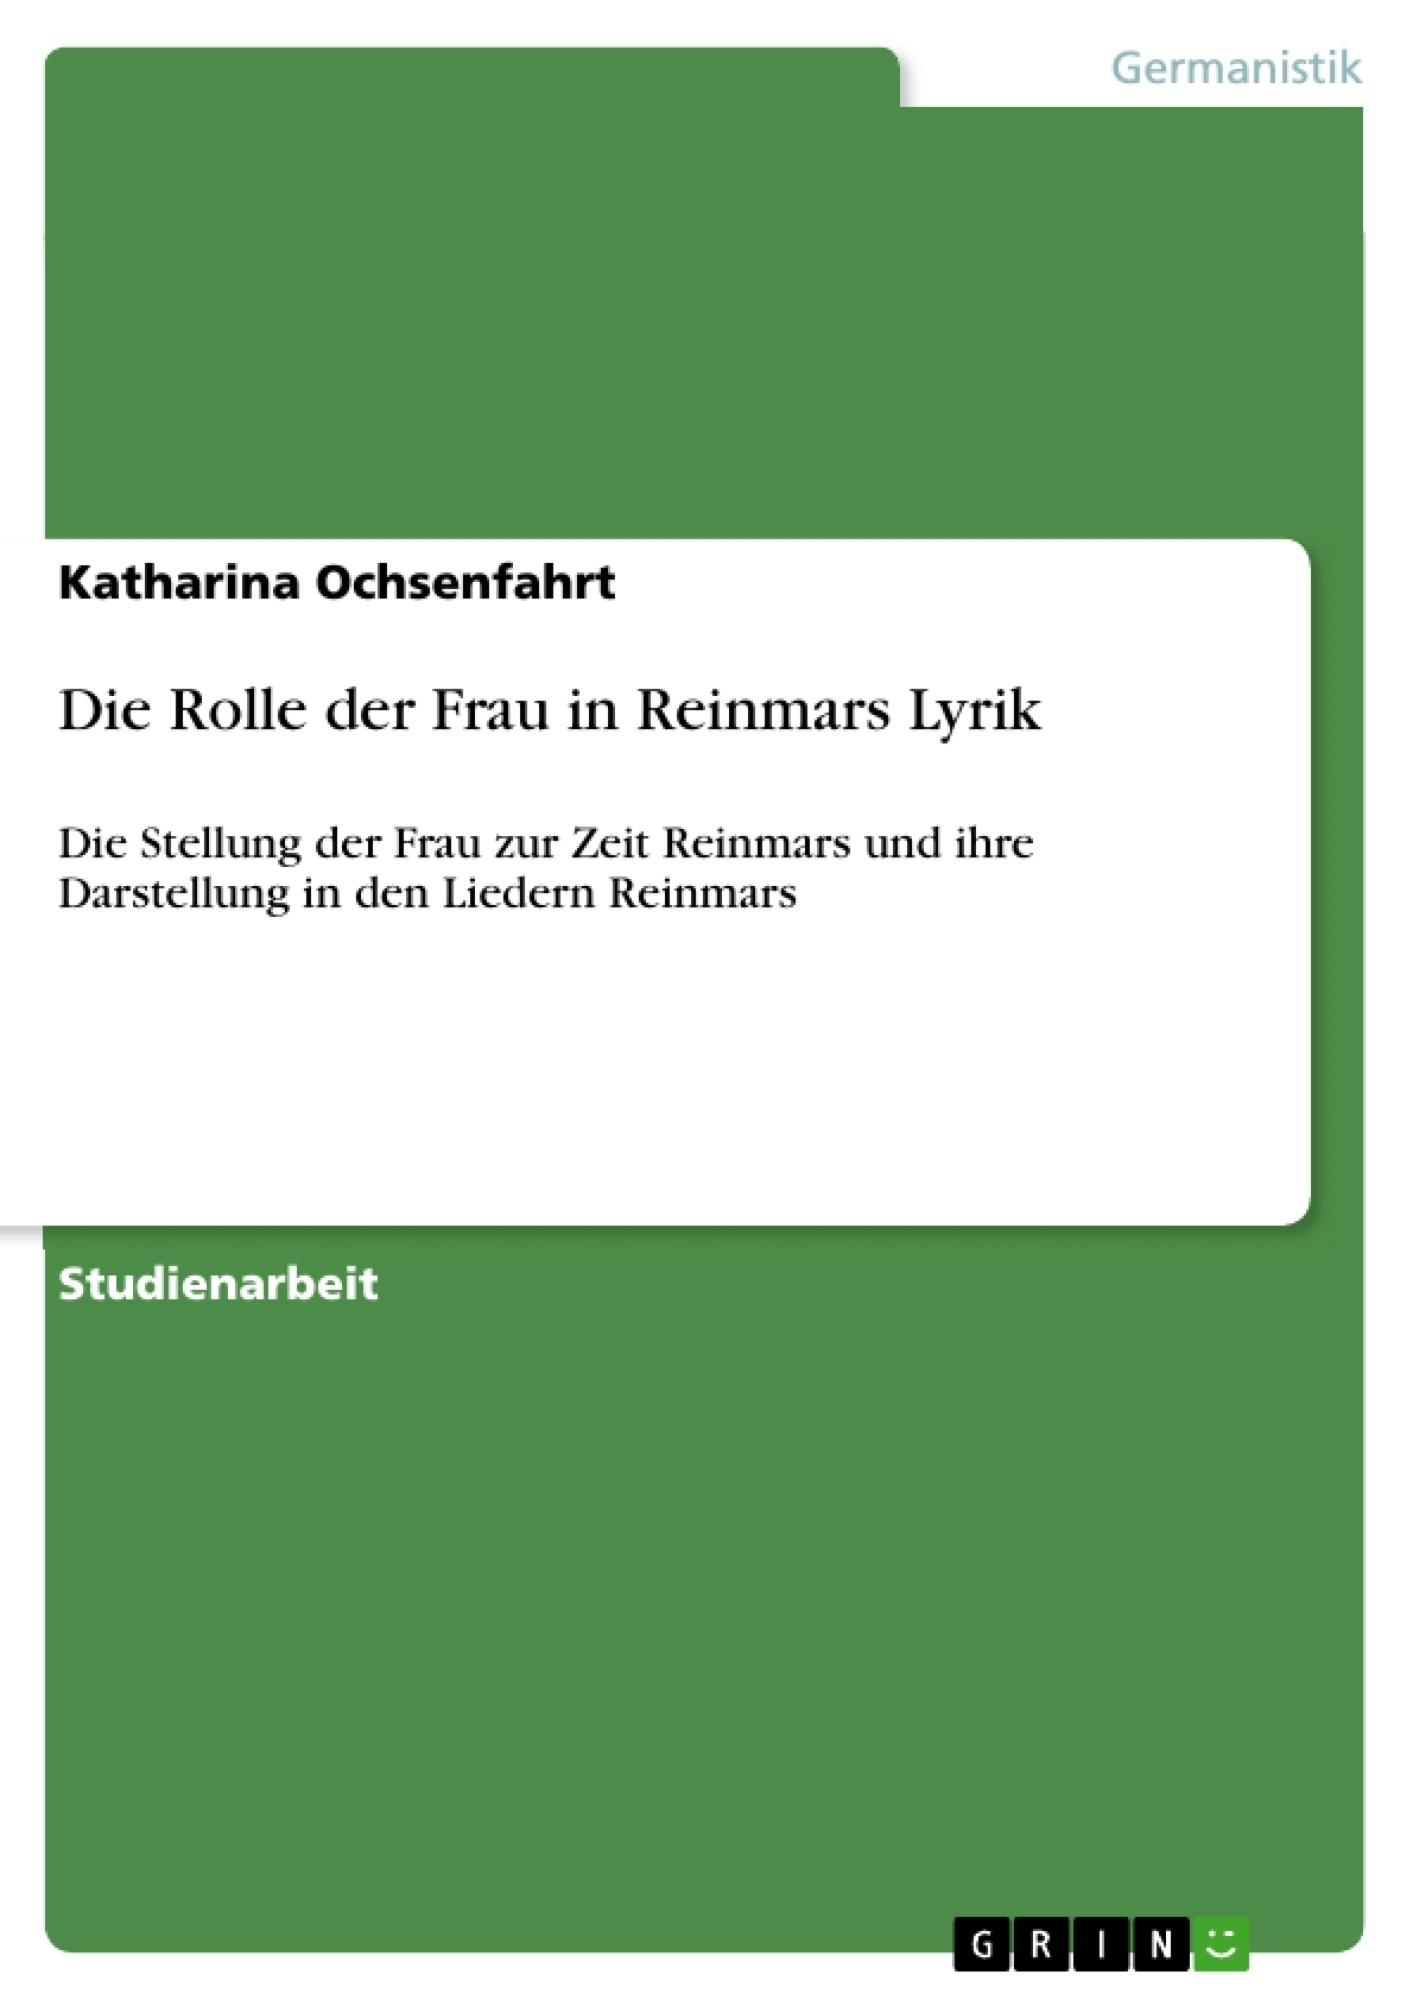 Titel: Die Rolle der Frau in Reinmars Lyrik